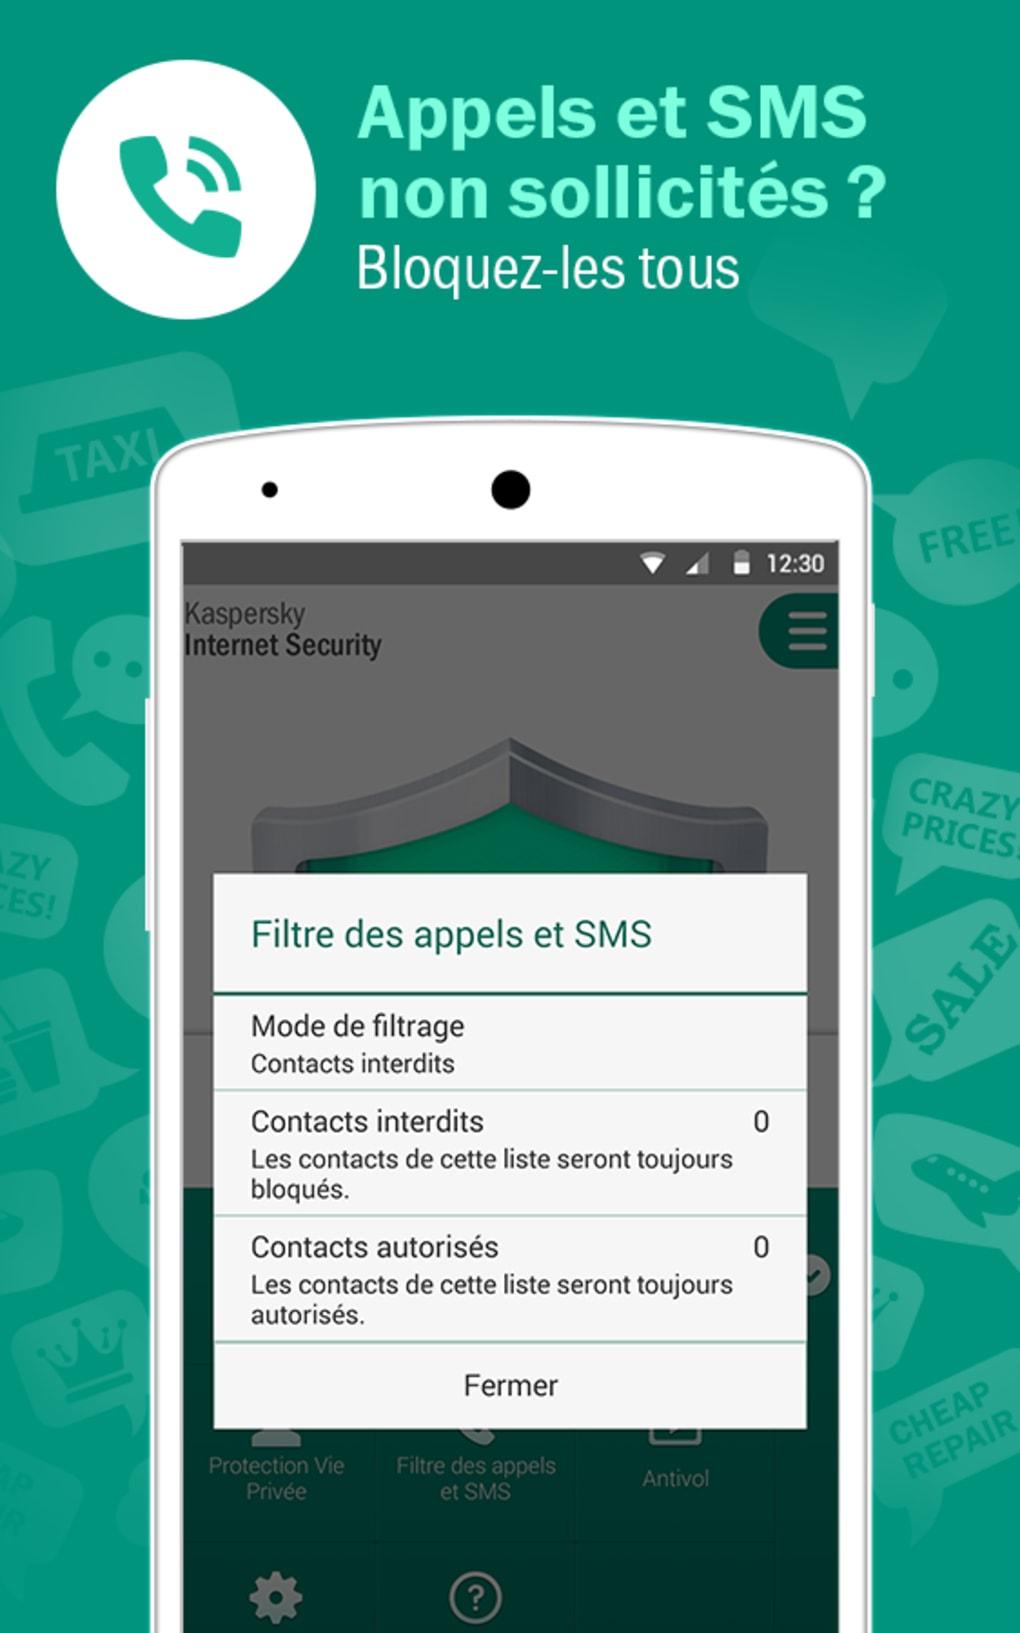 https://www.idealo.fr/prix/6286873/kaspersky-internet-security-2019.html